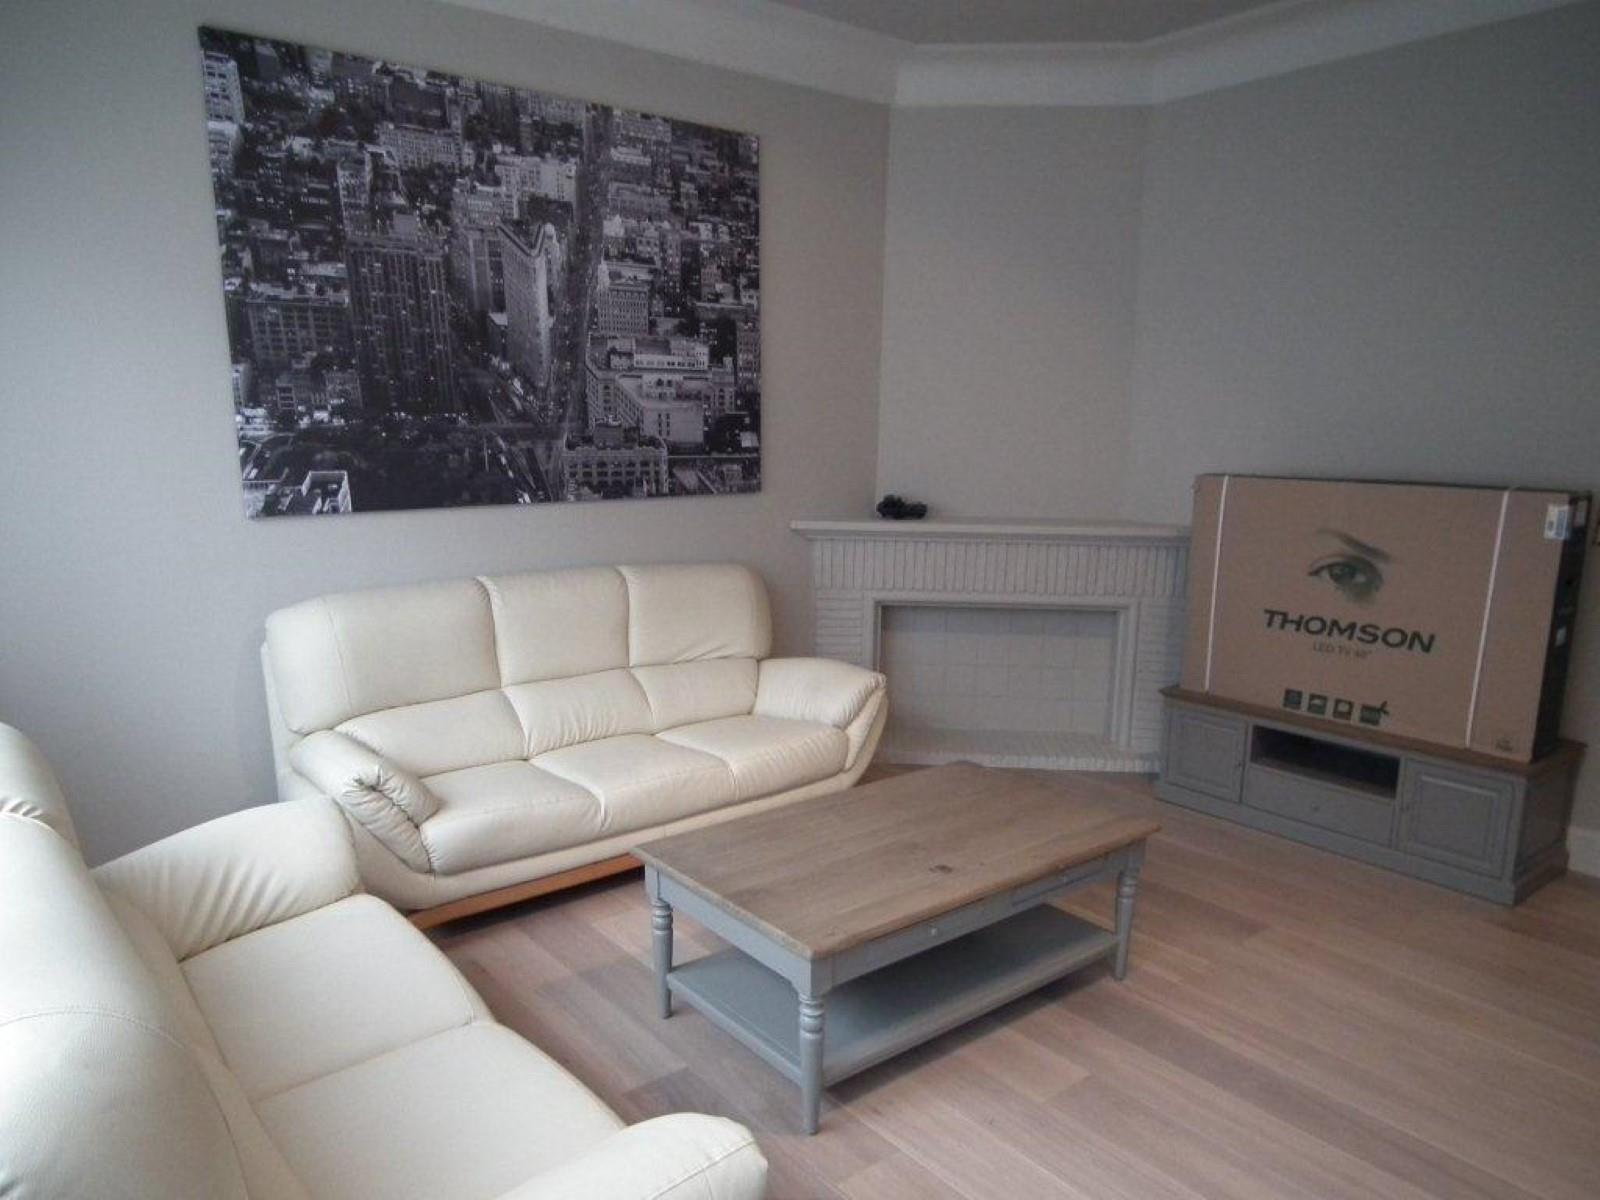 Flat - Ixelles - #3551867-0